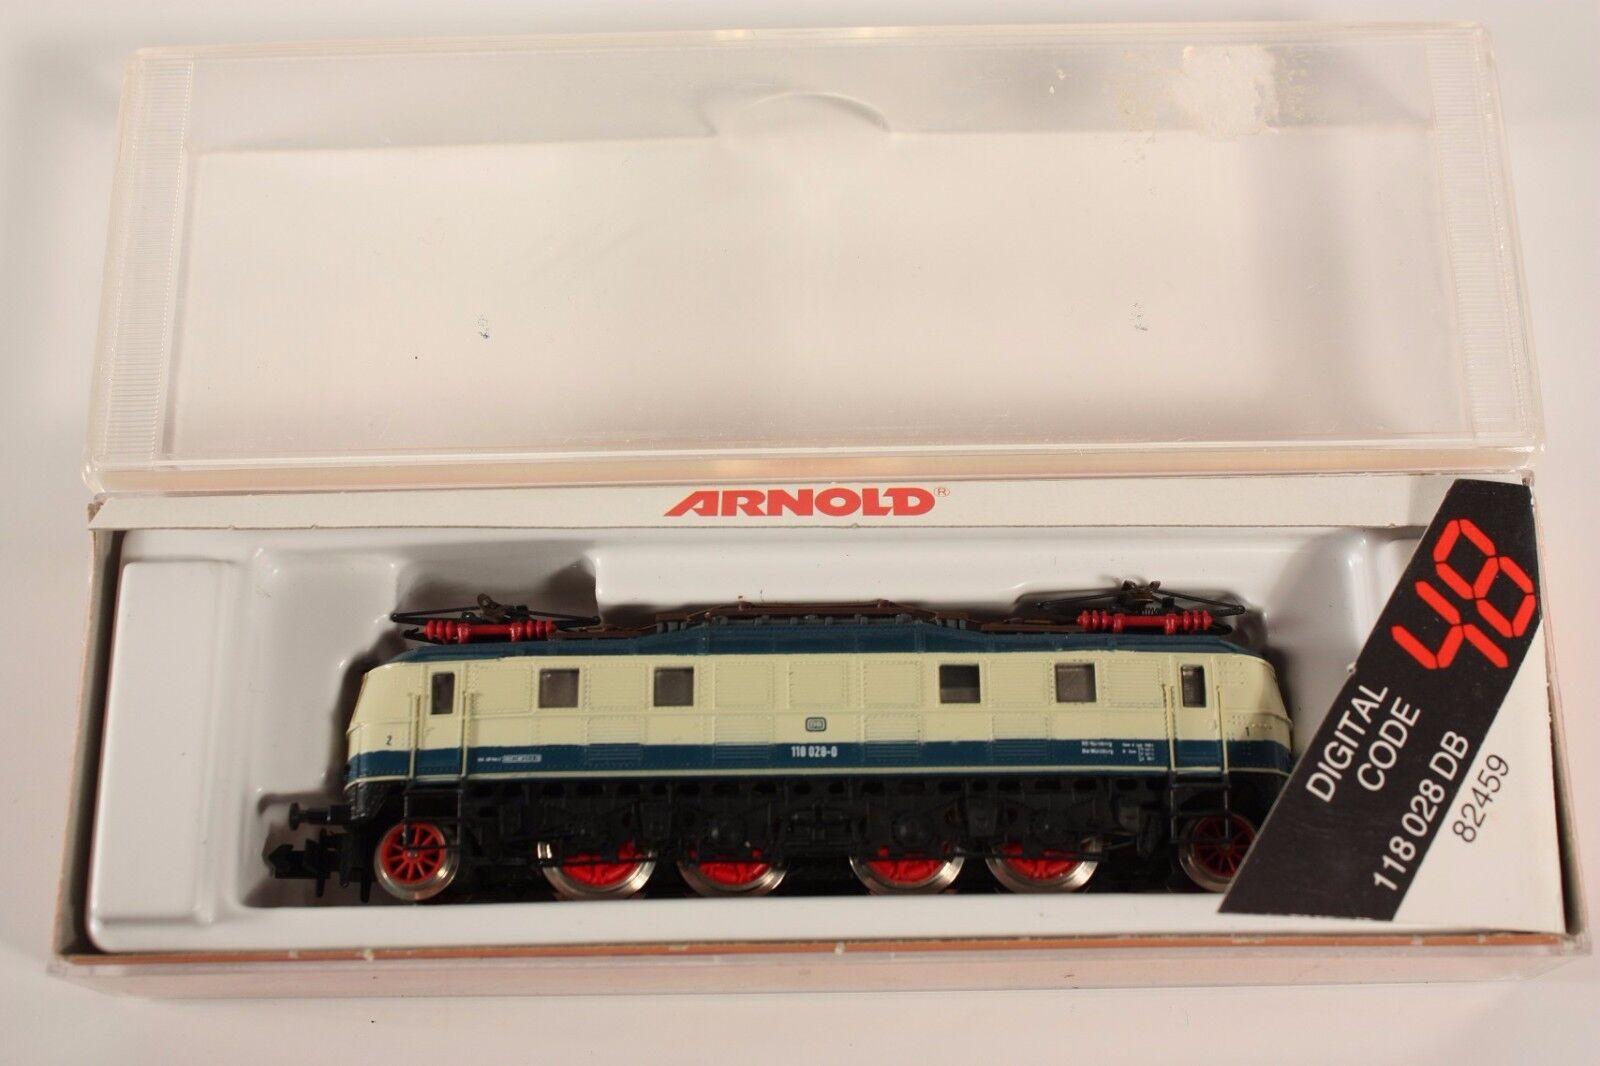 Arnold 82459, E 118 028 der Deutschen Bundesbahn, 1 1 1 160, im Okt          ab1805  | Bestellung willkommen  08822d